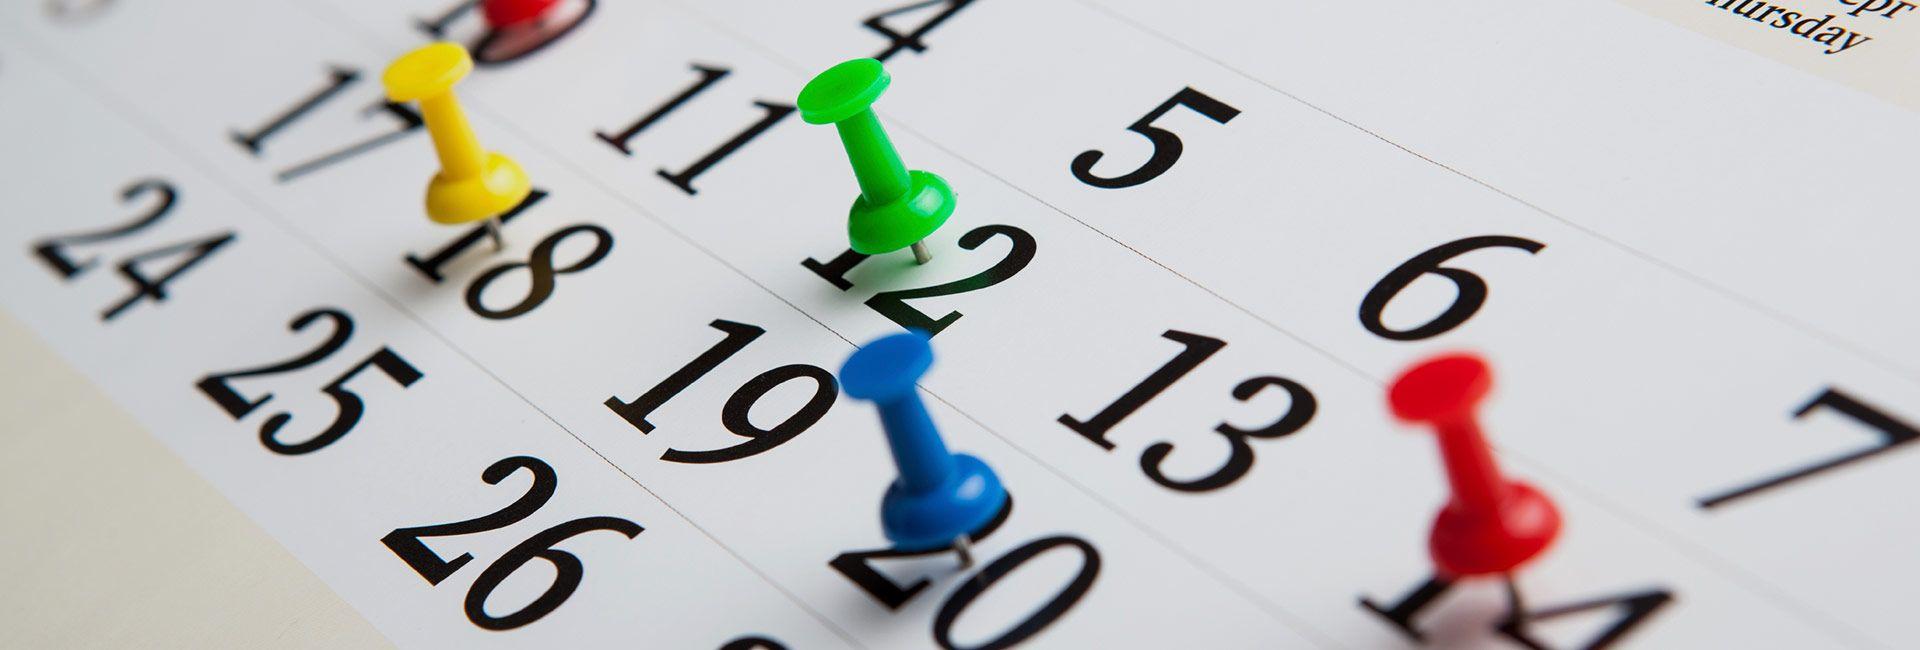 create the date